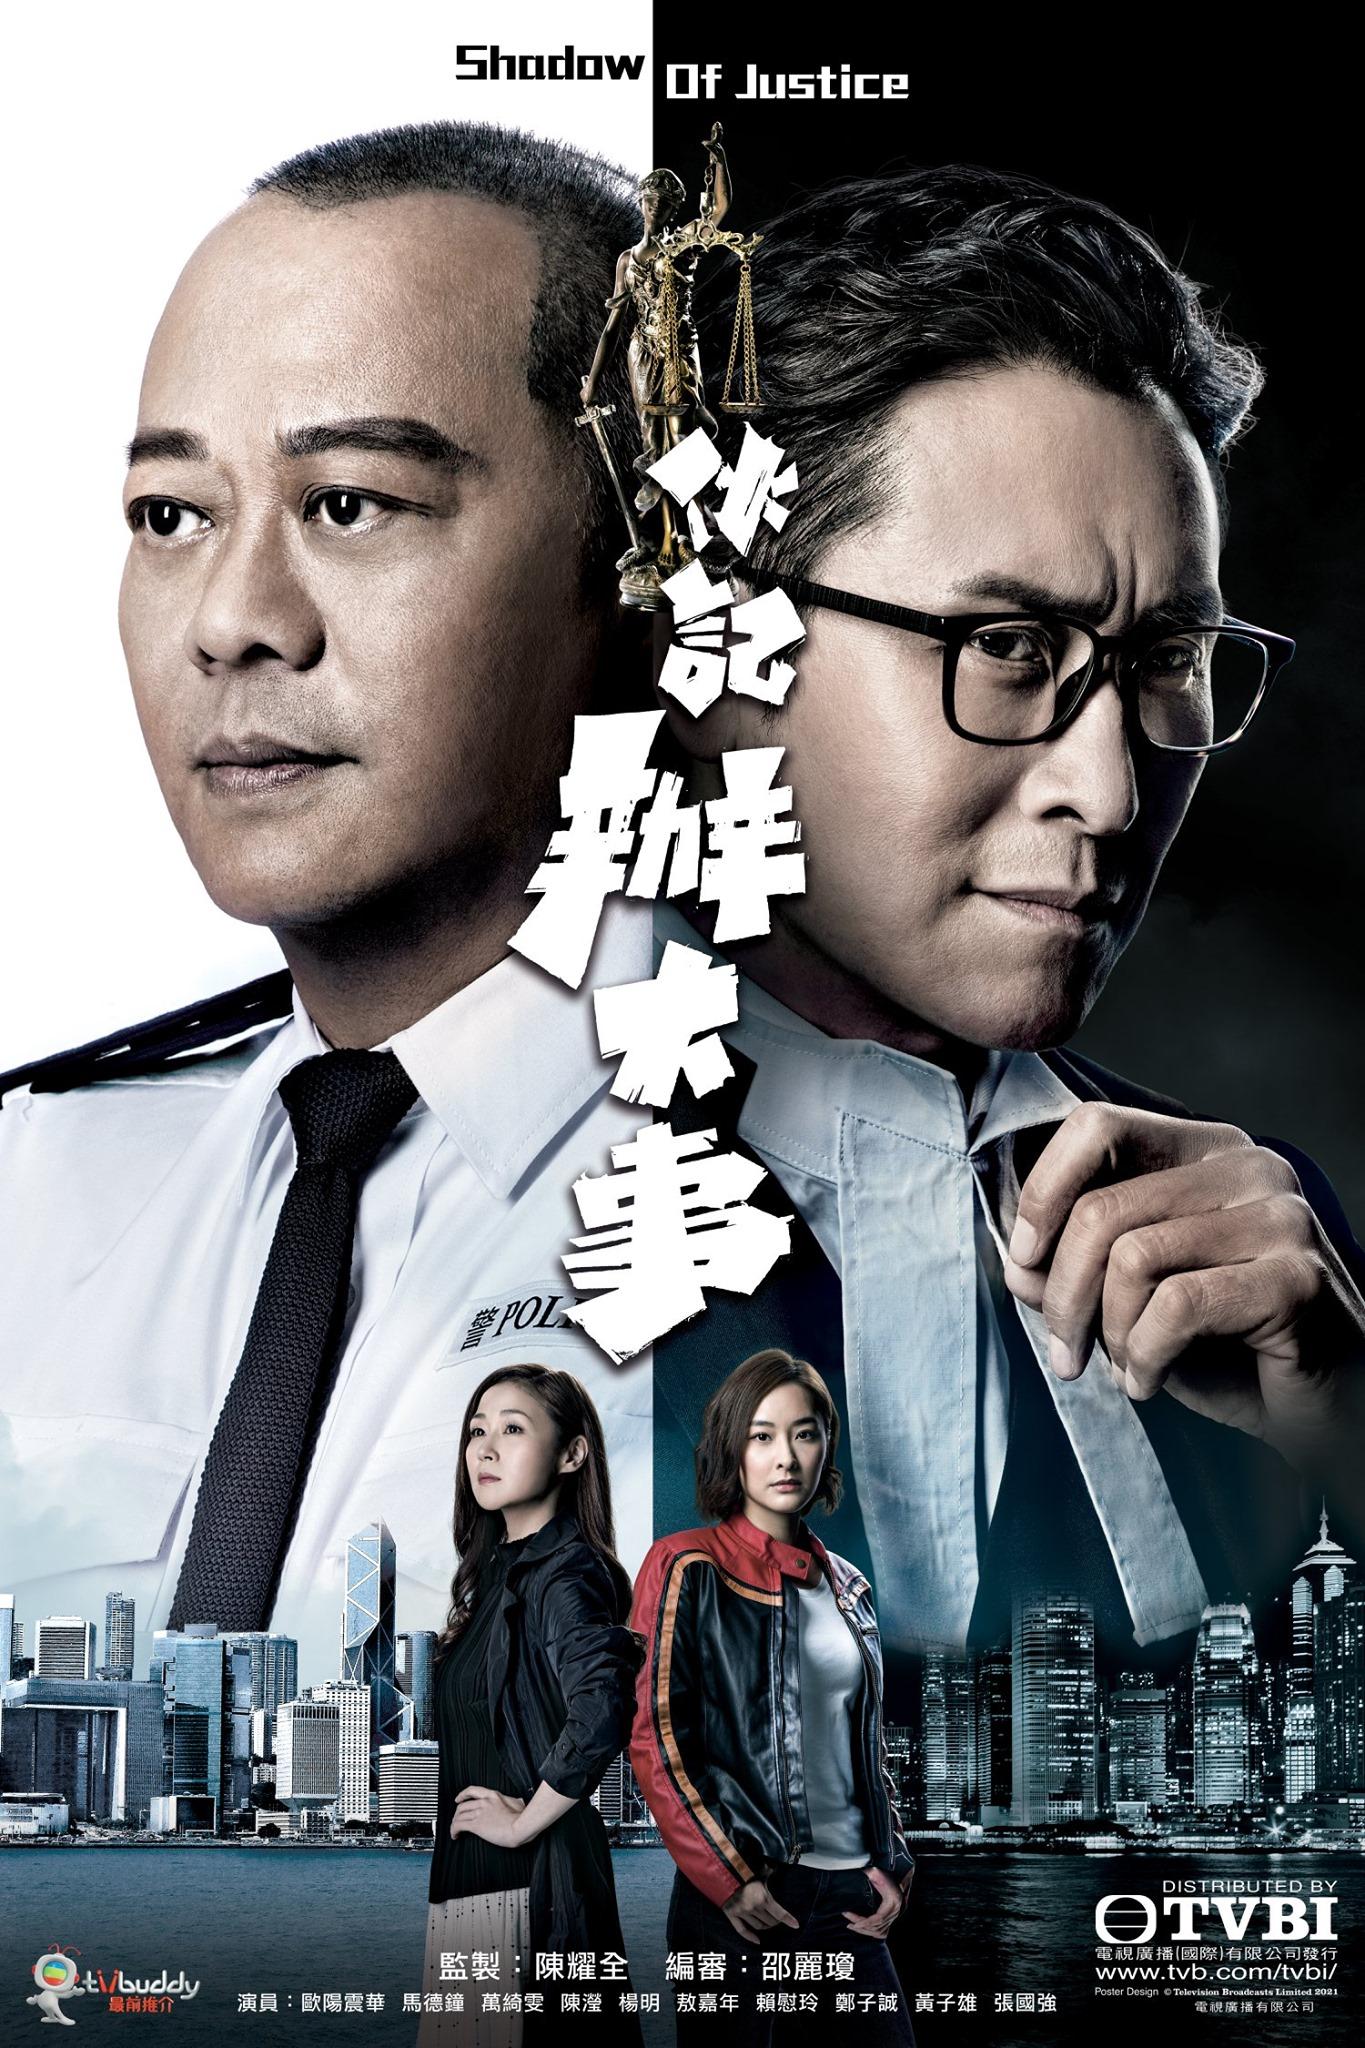 Phim giải nghệ TVB của Âu Dương Chấn Hoa rớt đài vì lừa dối khán giả, PR quá lố sao nữ Hoàn Châu Cách Cách? - Ảnh 5.